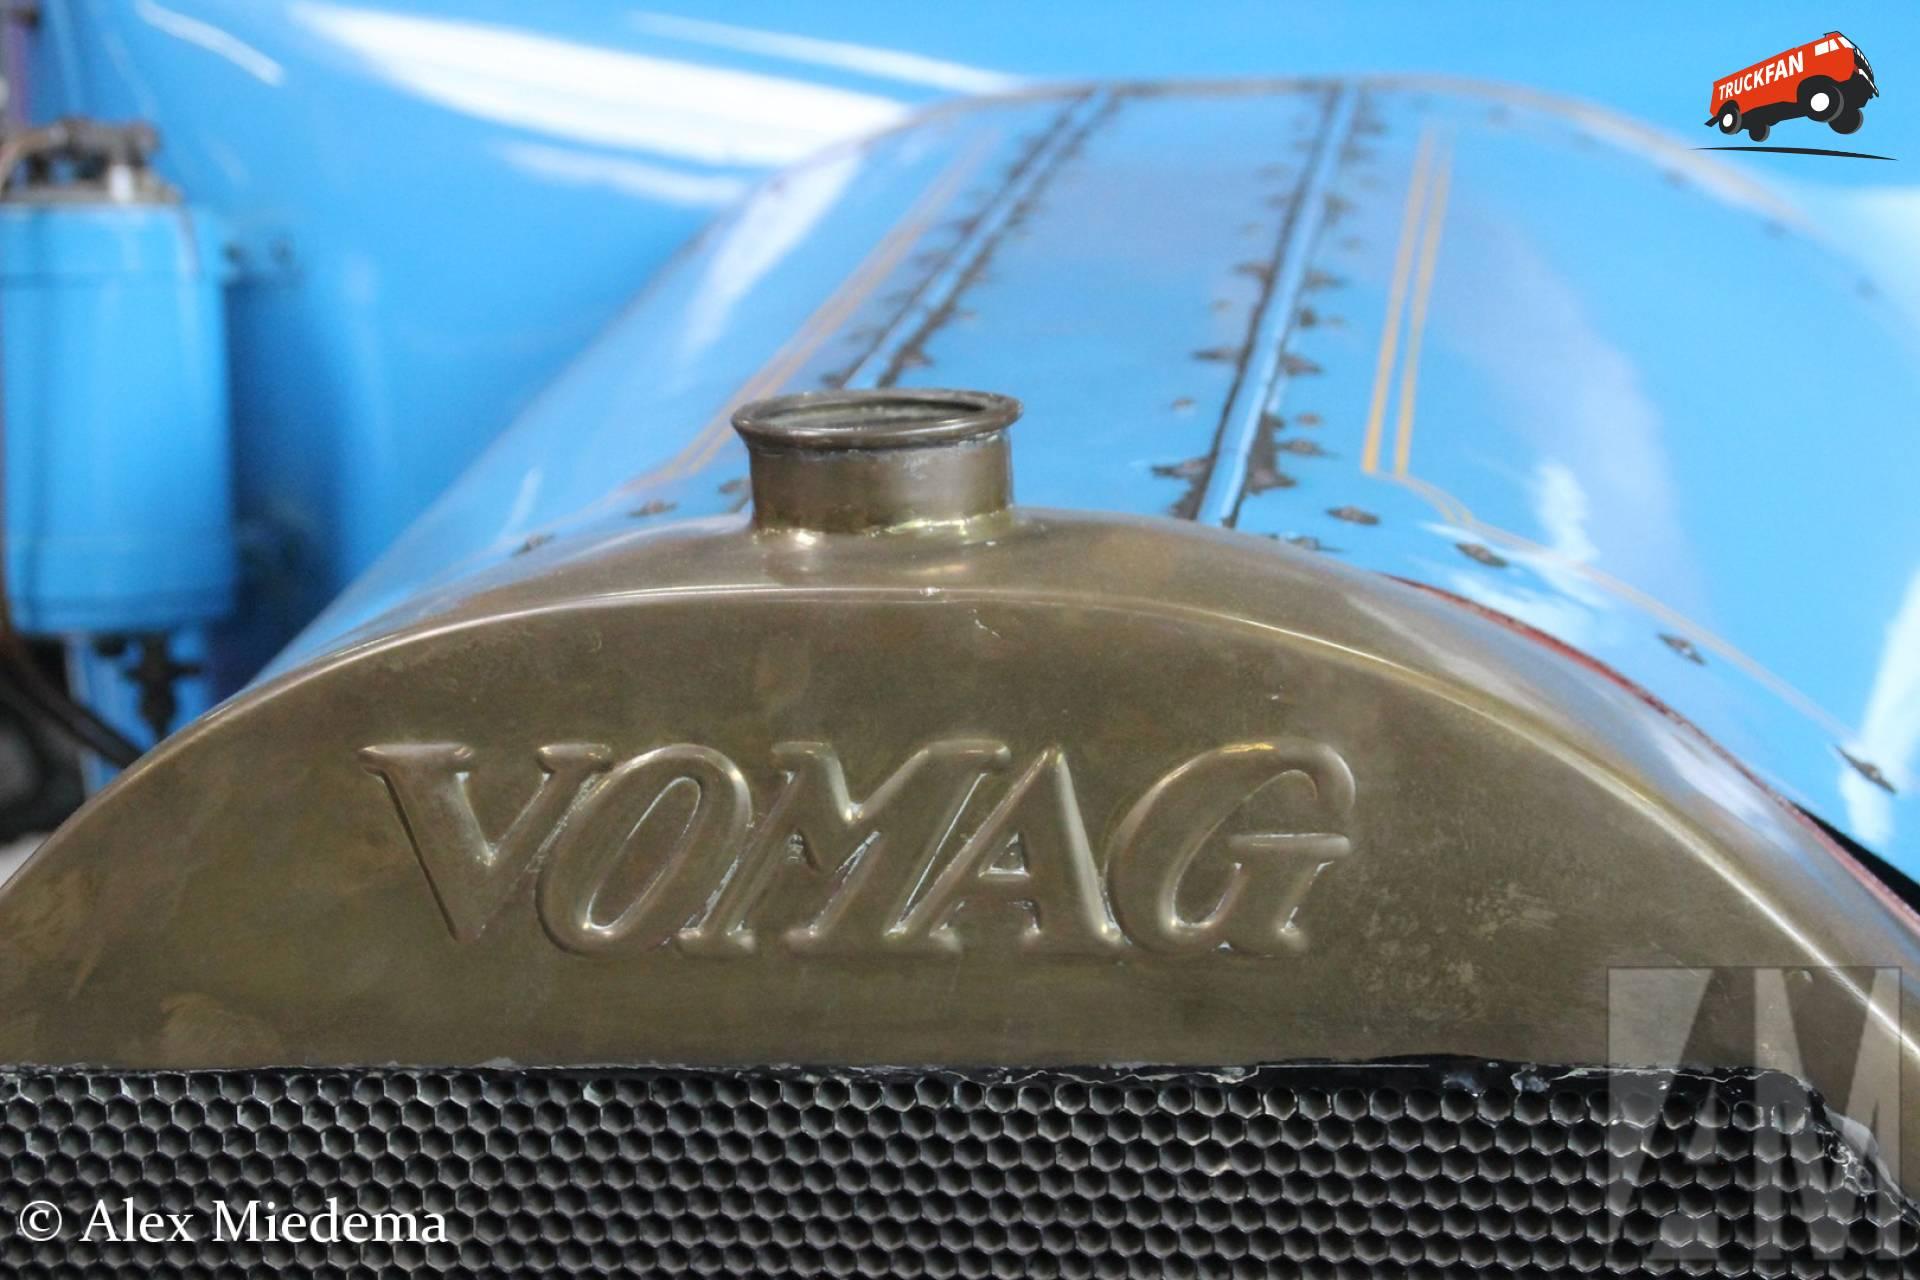 Vomag logo